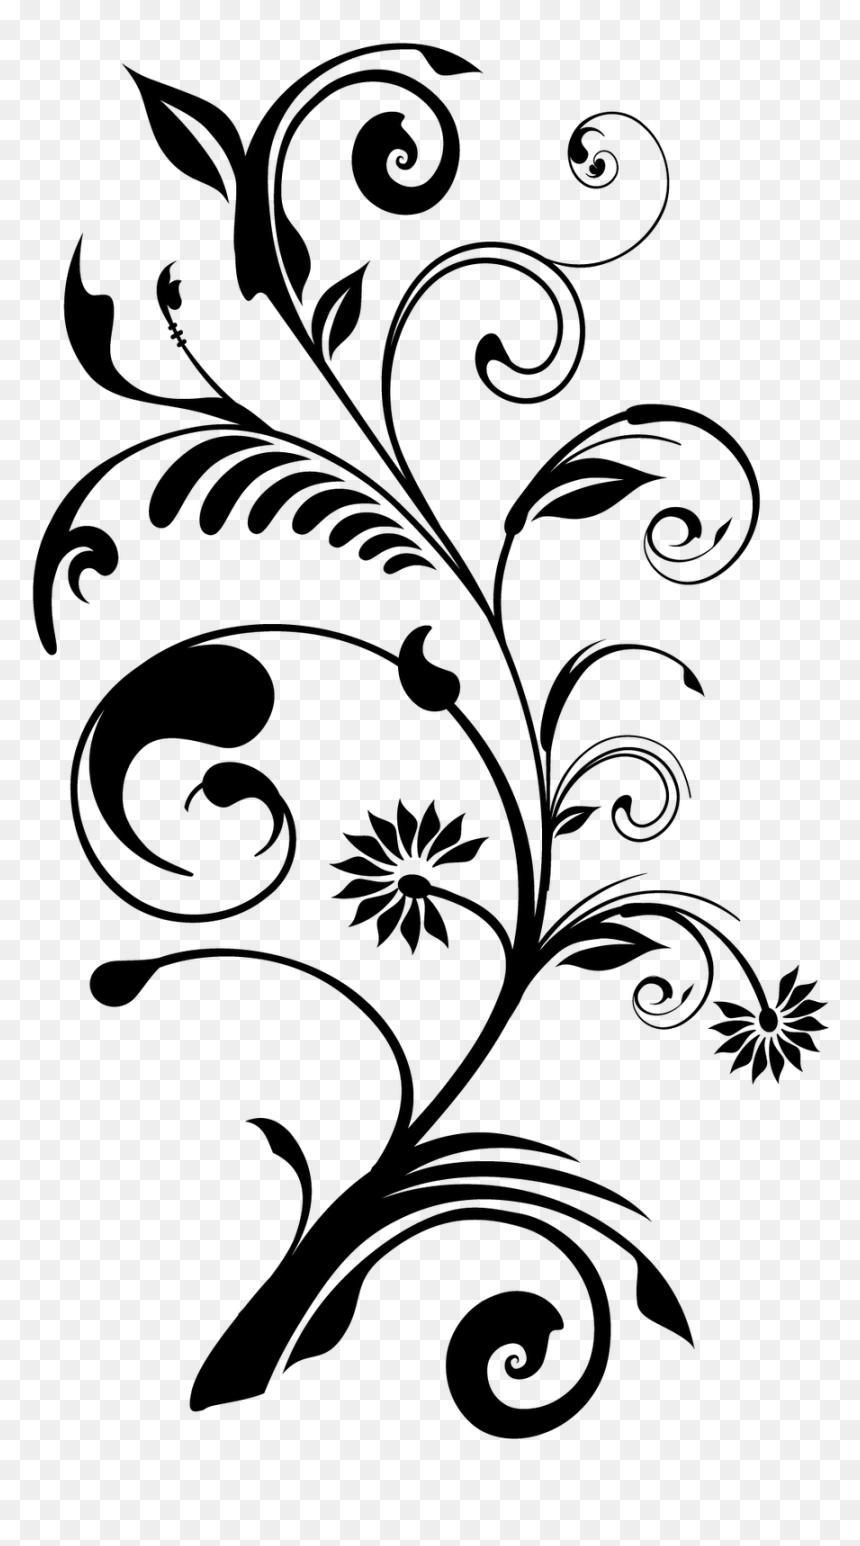 Flower Floral Design Desktop Wallpaper - Download Vektor Bunga Png, Transparent Png